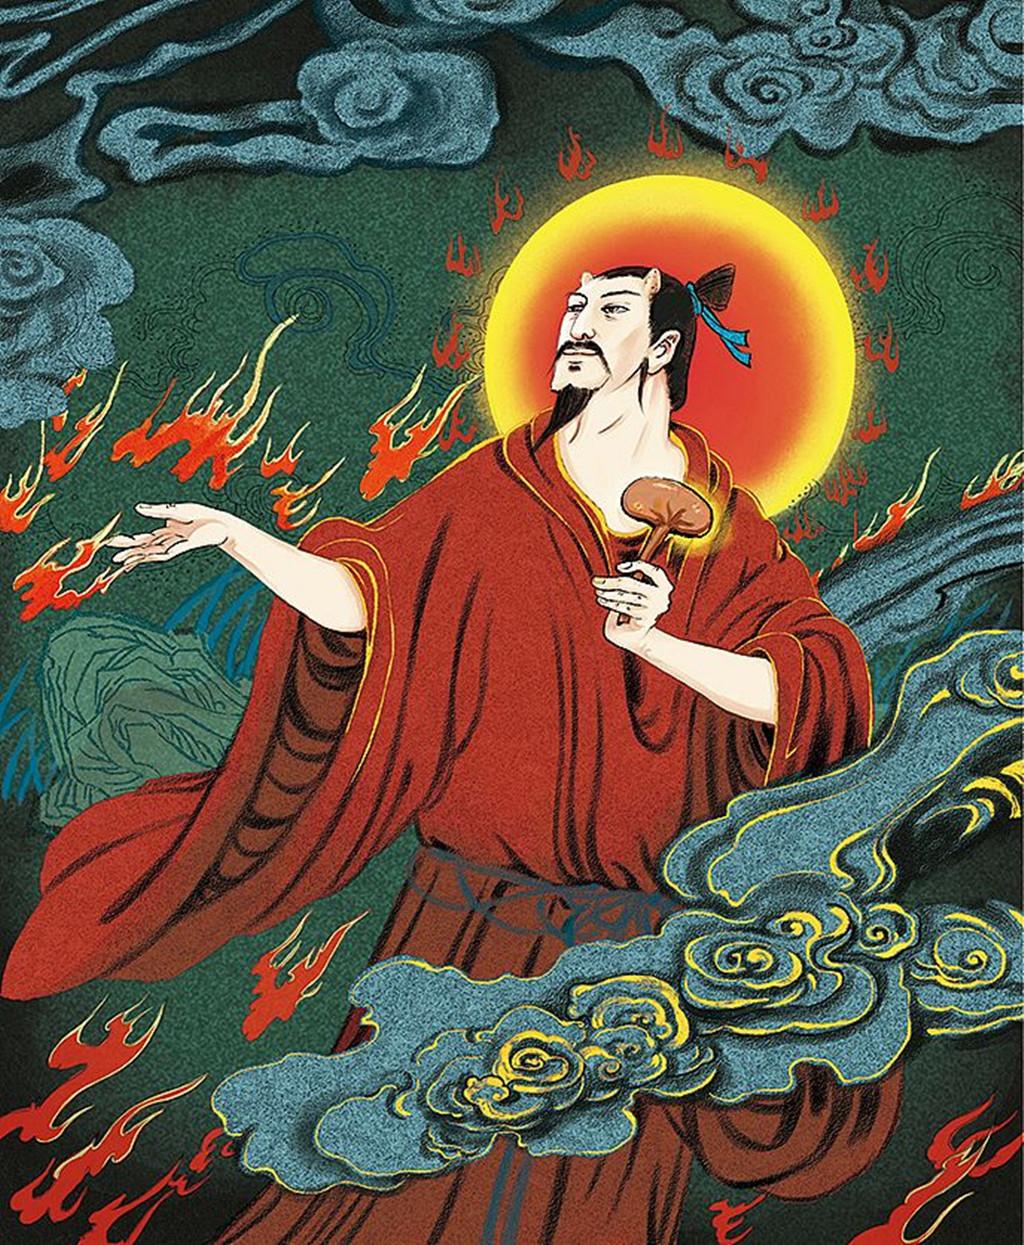 炎帝   传说姜姓部落的首领由于懂得用火而得到王位,所以称为炎帝.